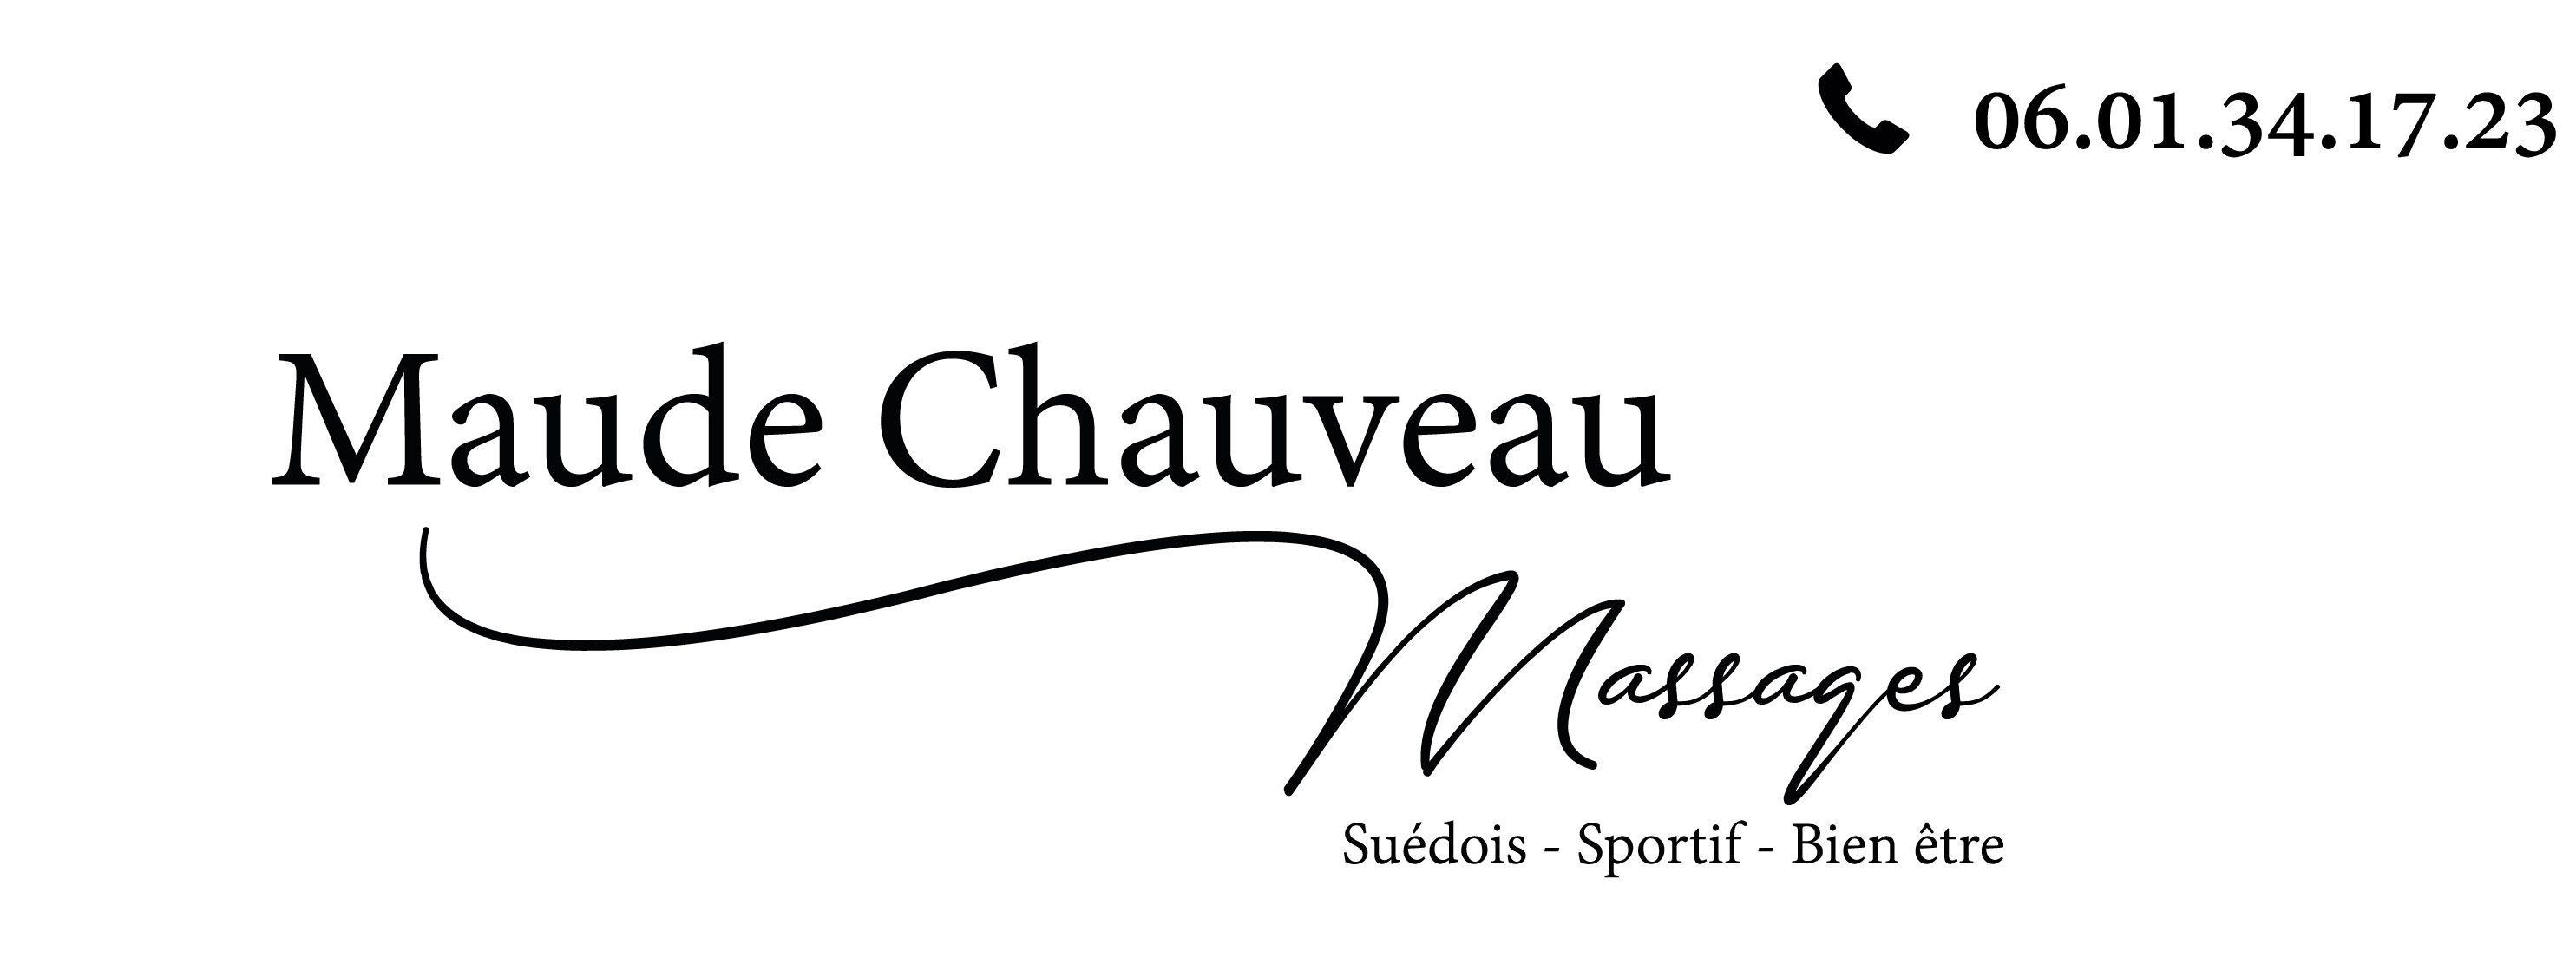 Maude Chauveau Massage Suédois